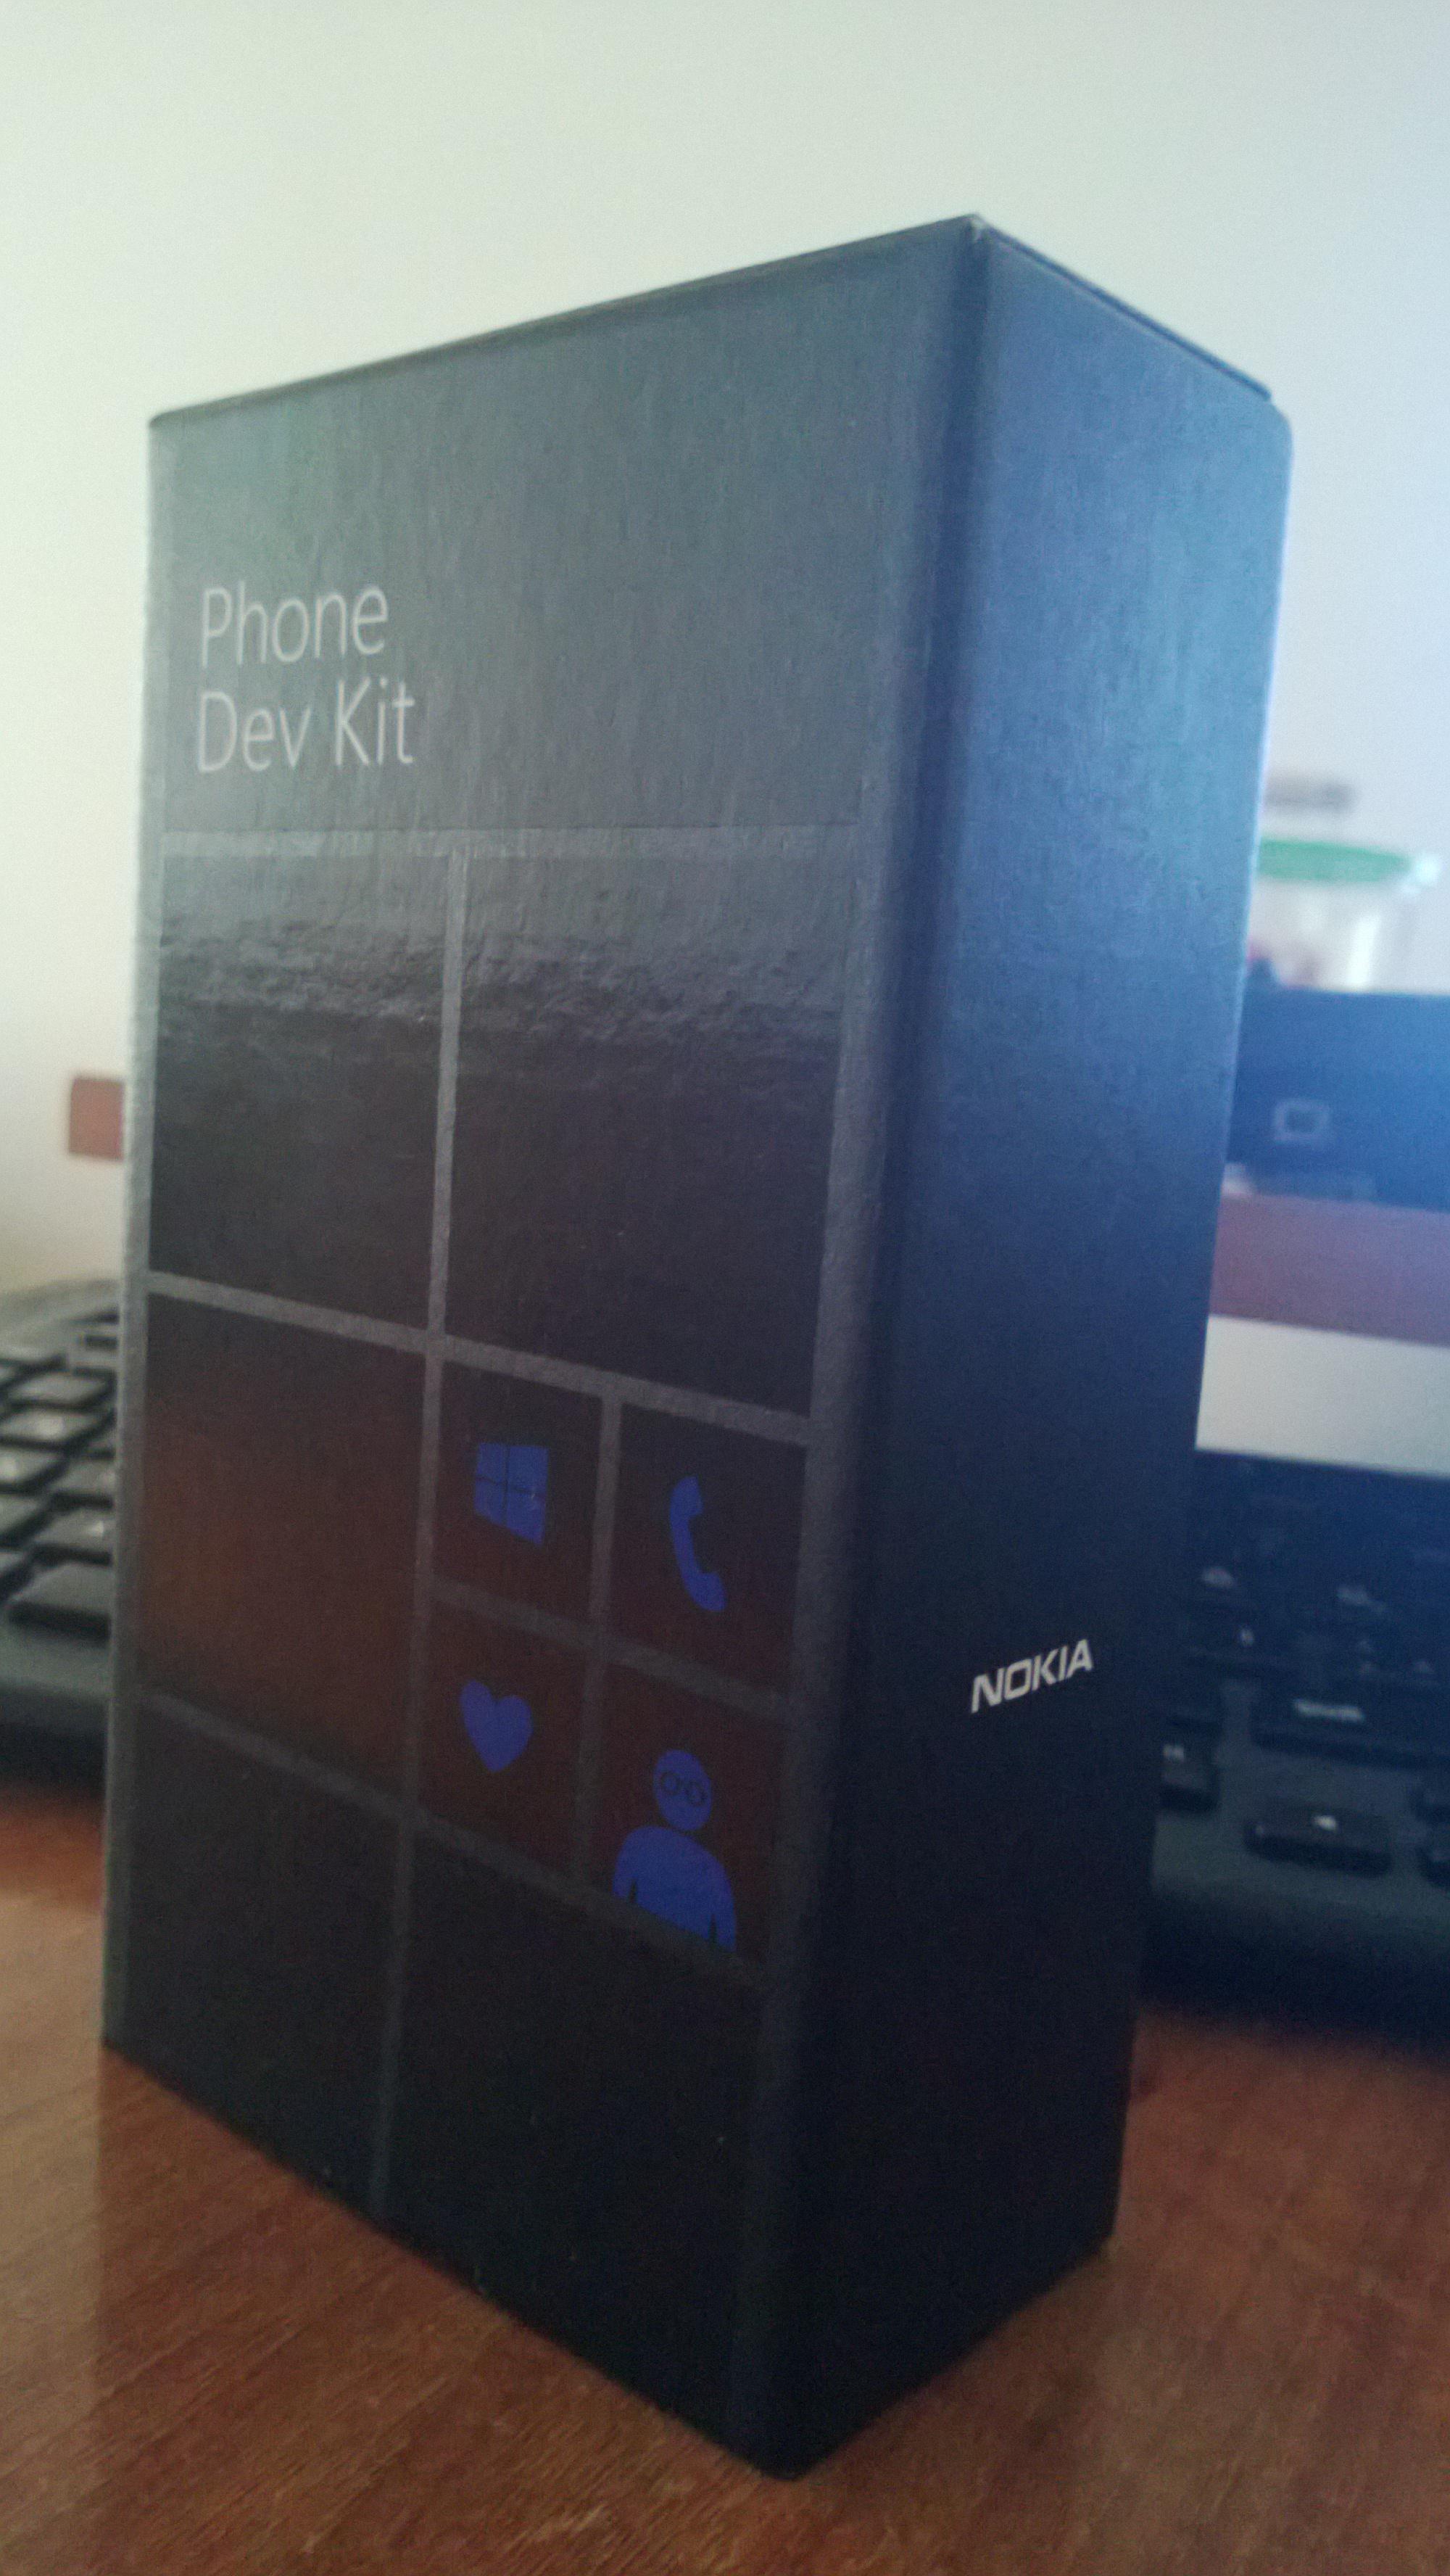 Nokia Lumia 920 İncelemesi